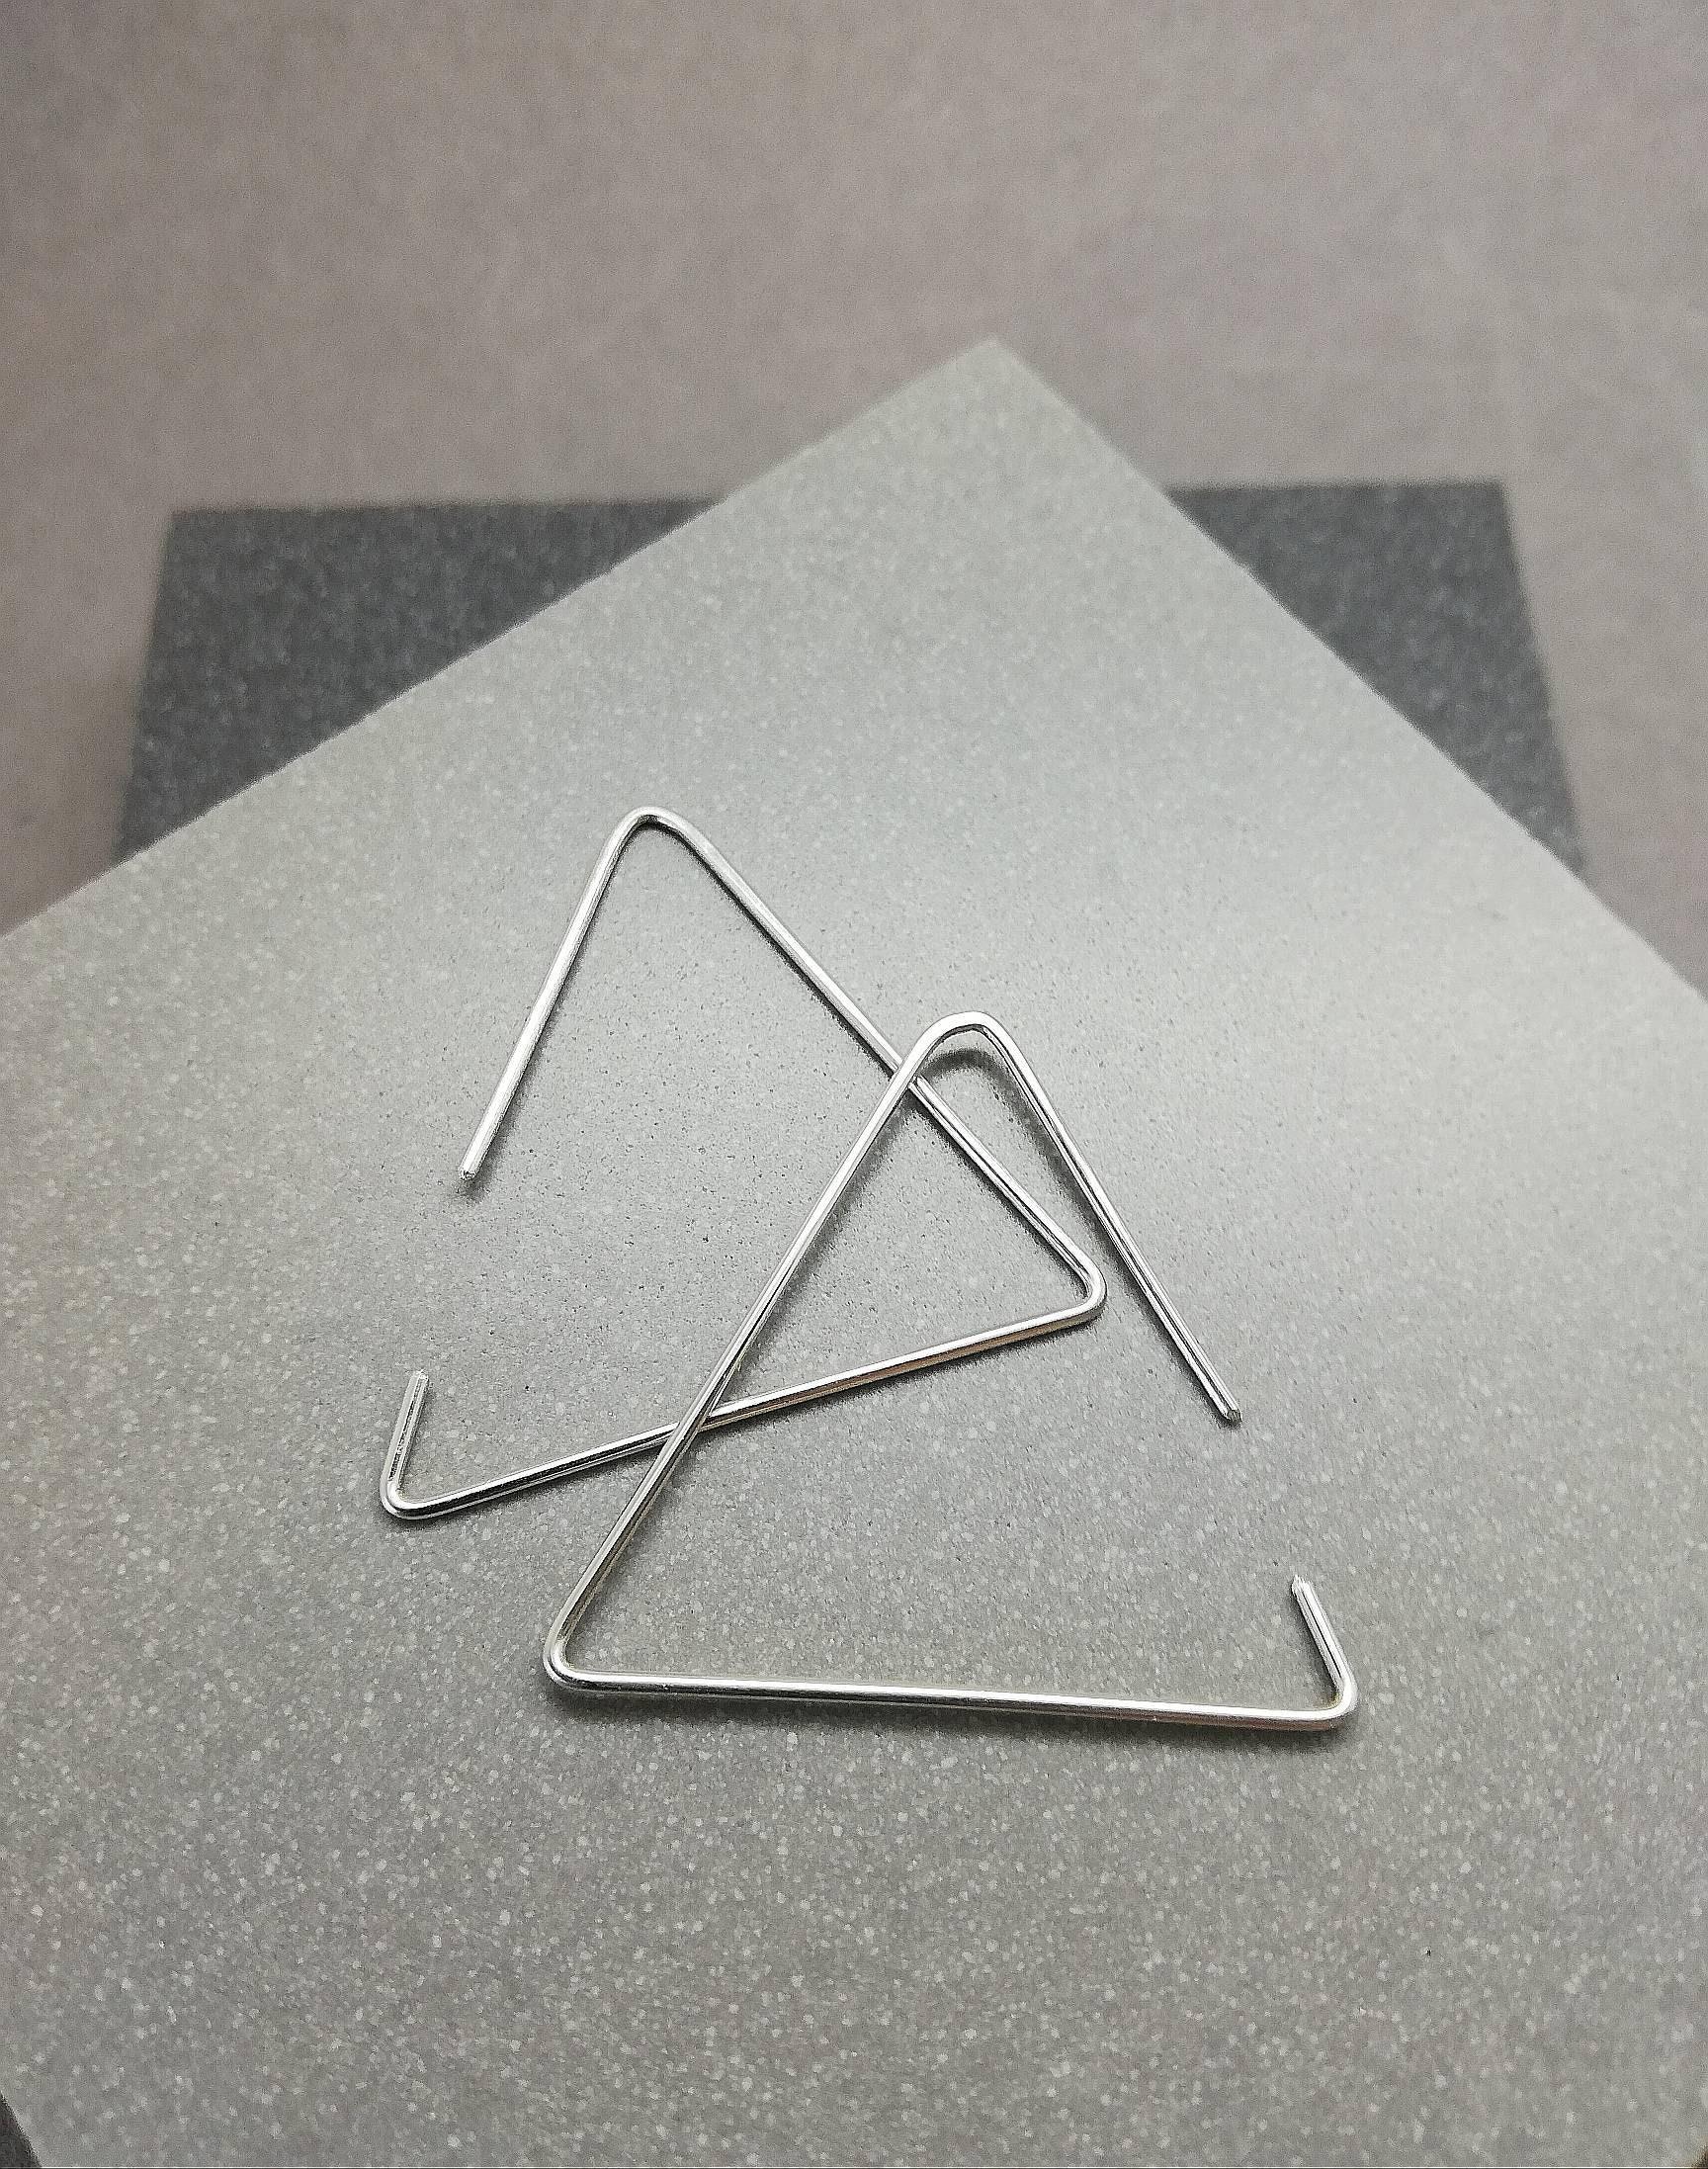 6afe62d0a91 Sterling silver triangle Earrings / Geometric earrings / Argentium Silver  dangle / Handmade Karmasilver UK / modern drop / open hoops